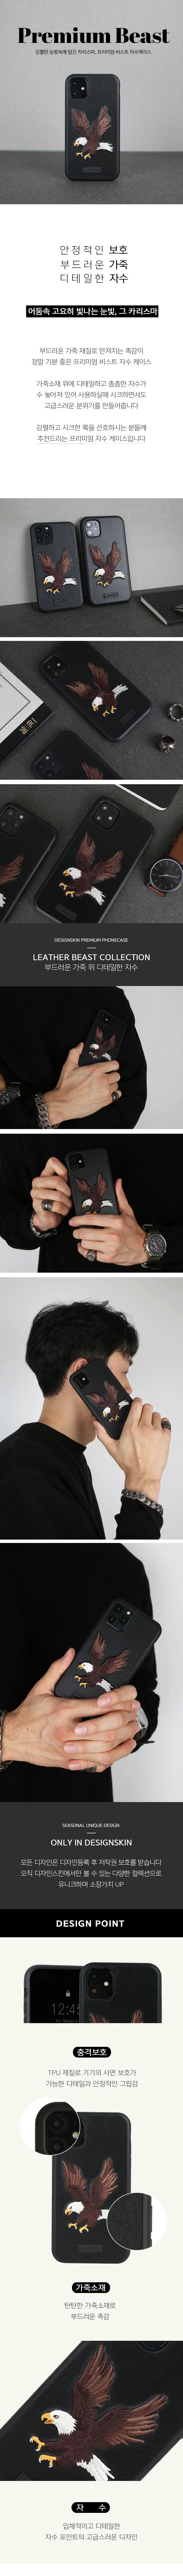 디자인스킨(DESIGNSKIN) 아이폰/갤럭시/갤럭시노트 프리미엄 자수 비스트 이글 케이스